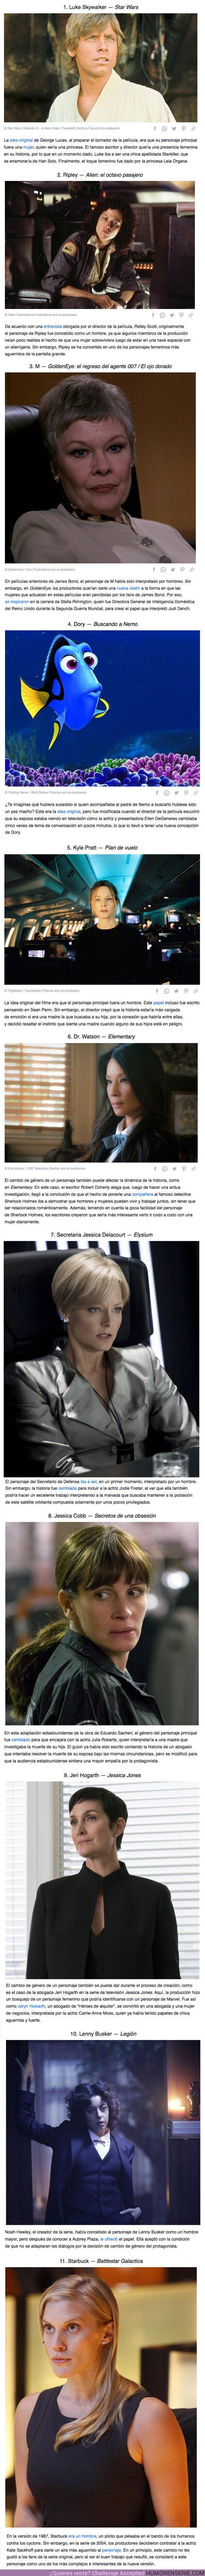 69455 - GALERÍA: 11 Personajes de televisión y películas a los que les cambiaron el género (y fue una buena decisión)